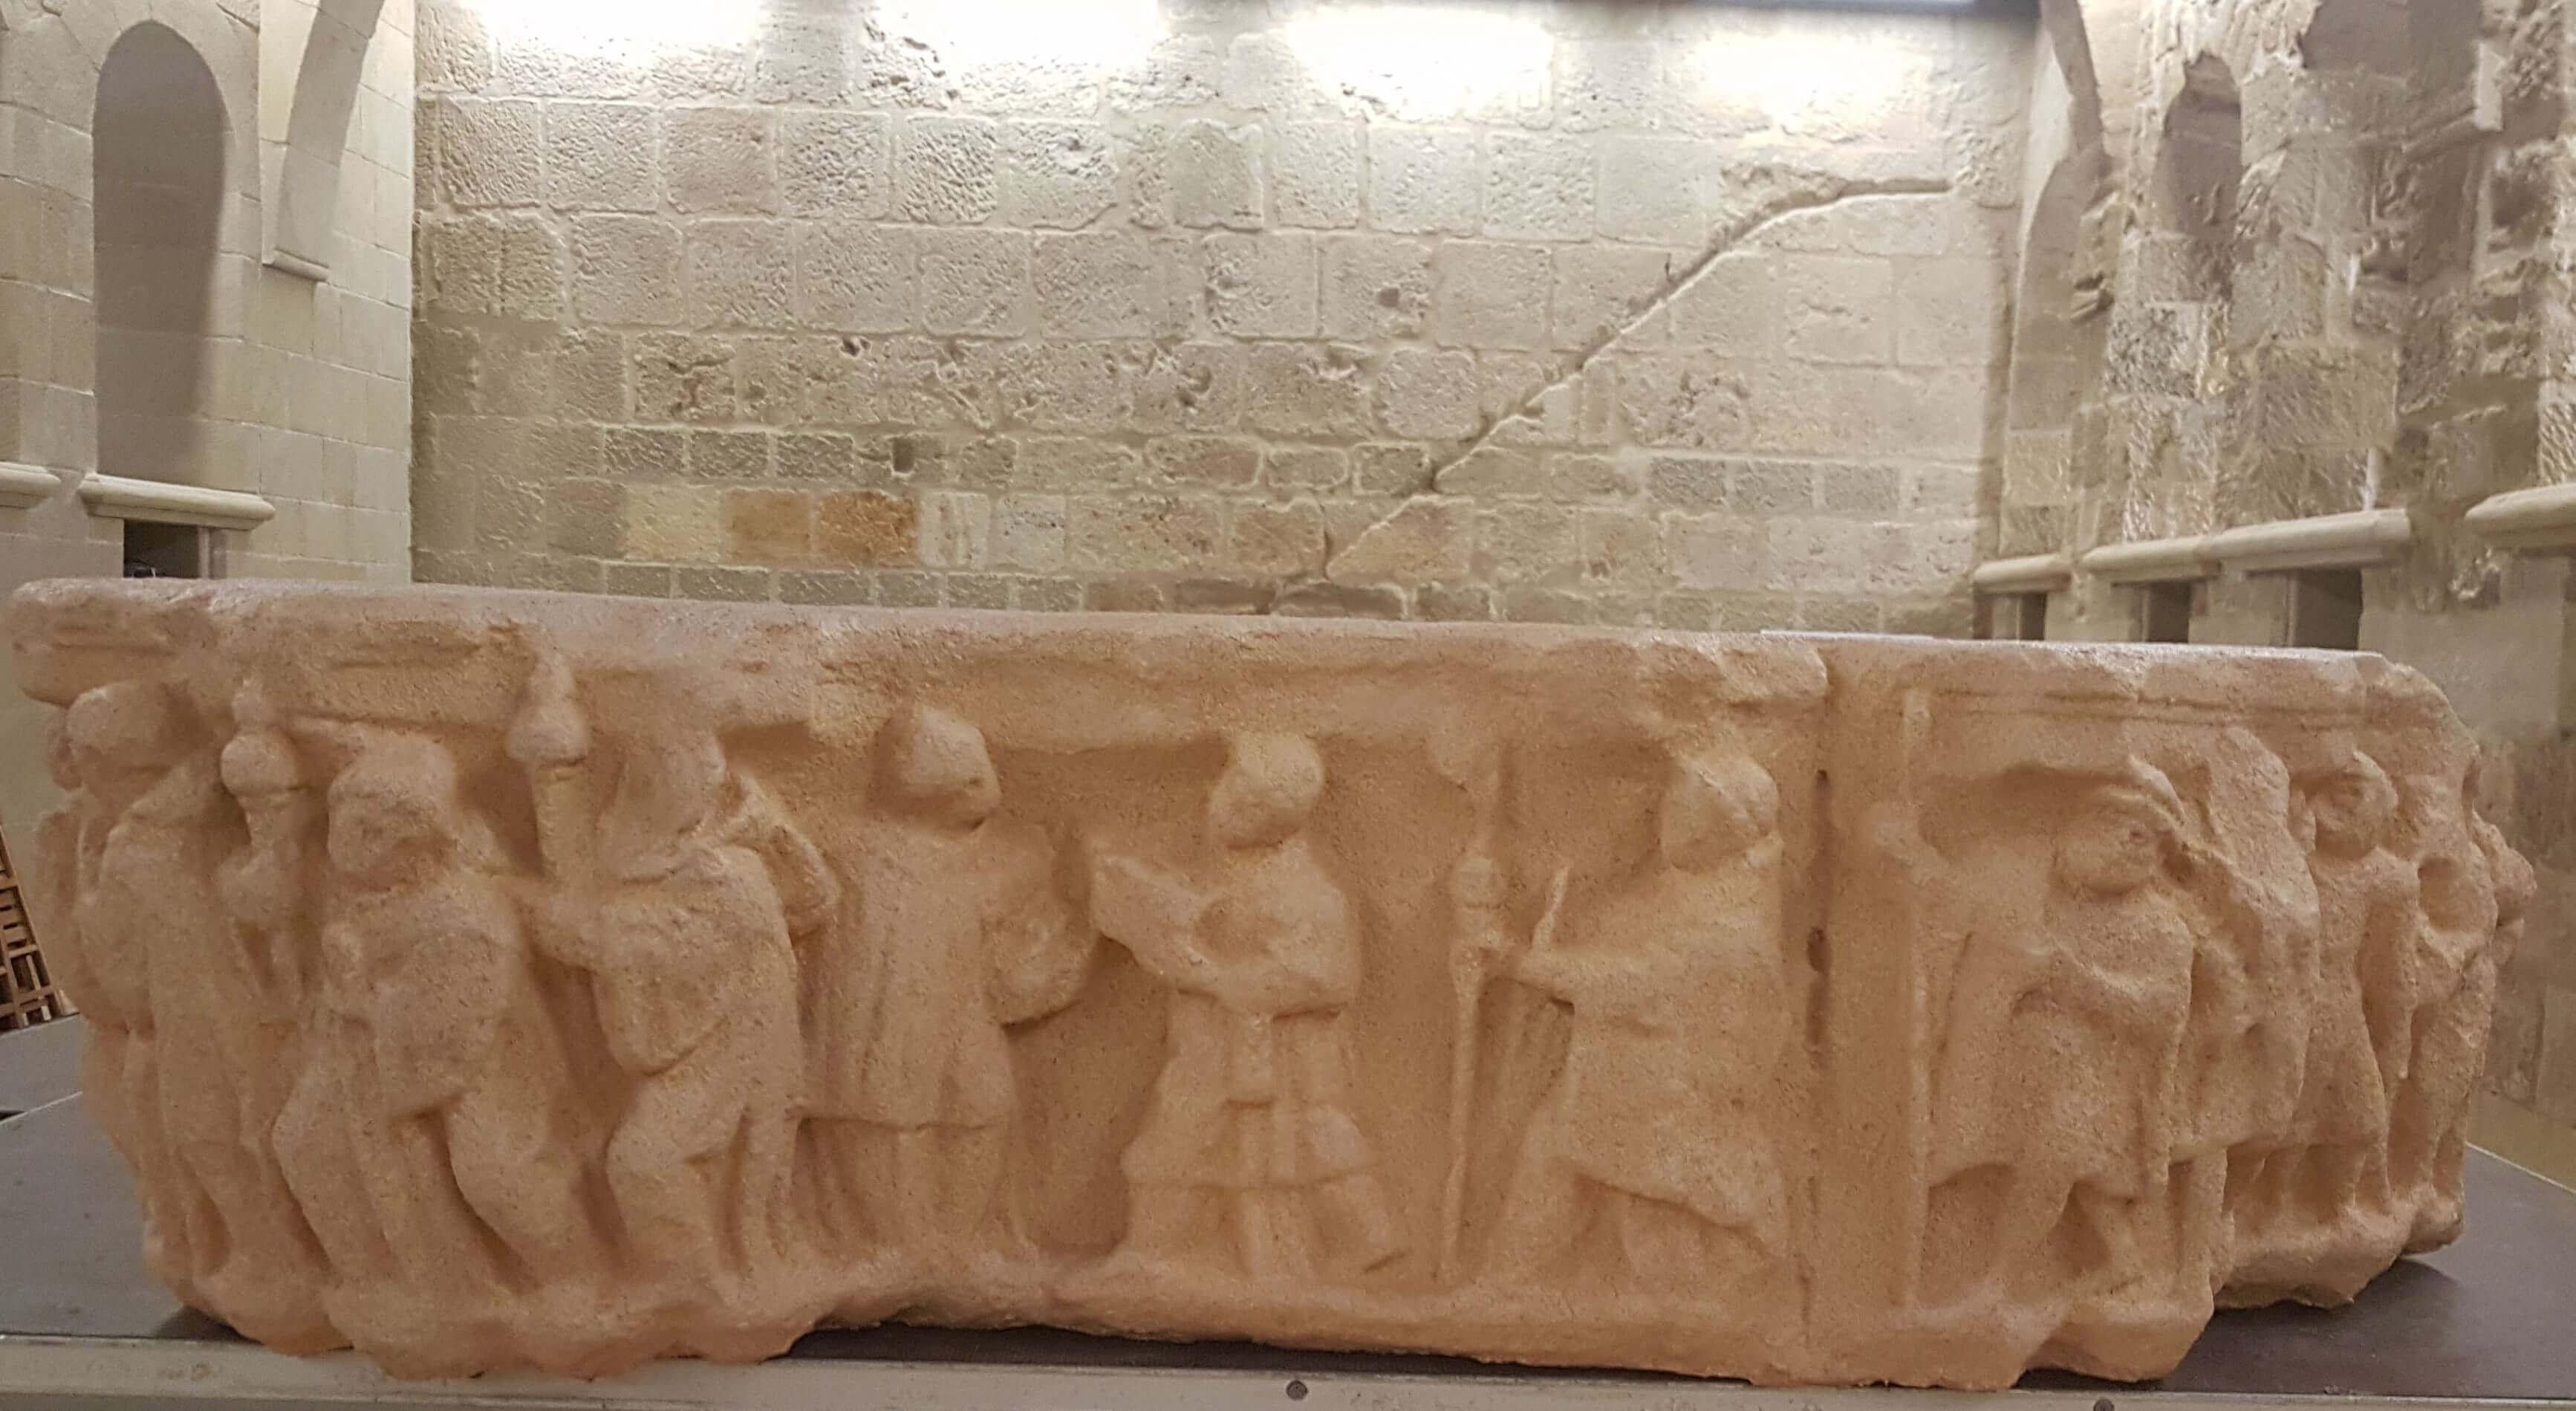 Presentado el capitel 3D de Carlos V en FiteroCisterciense.  Ya puedes tocar la piedra, abrazar la tecnología y sentir el patrimonio en el Refectorio del Monasterio de Fitero.